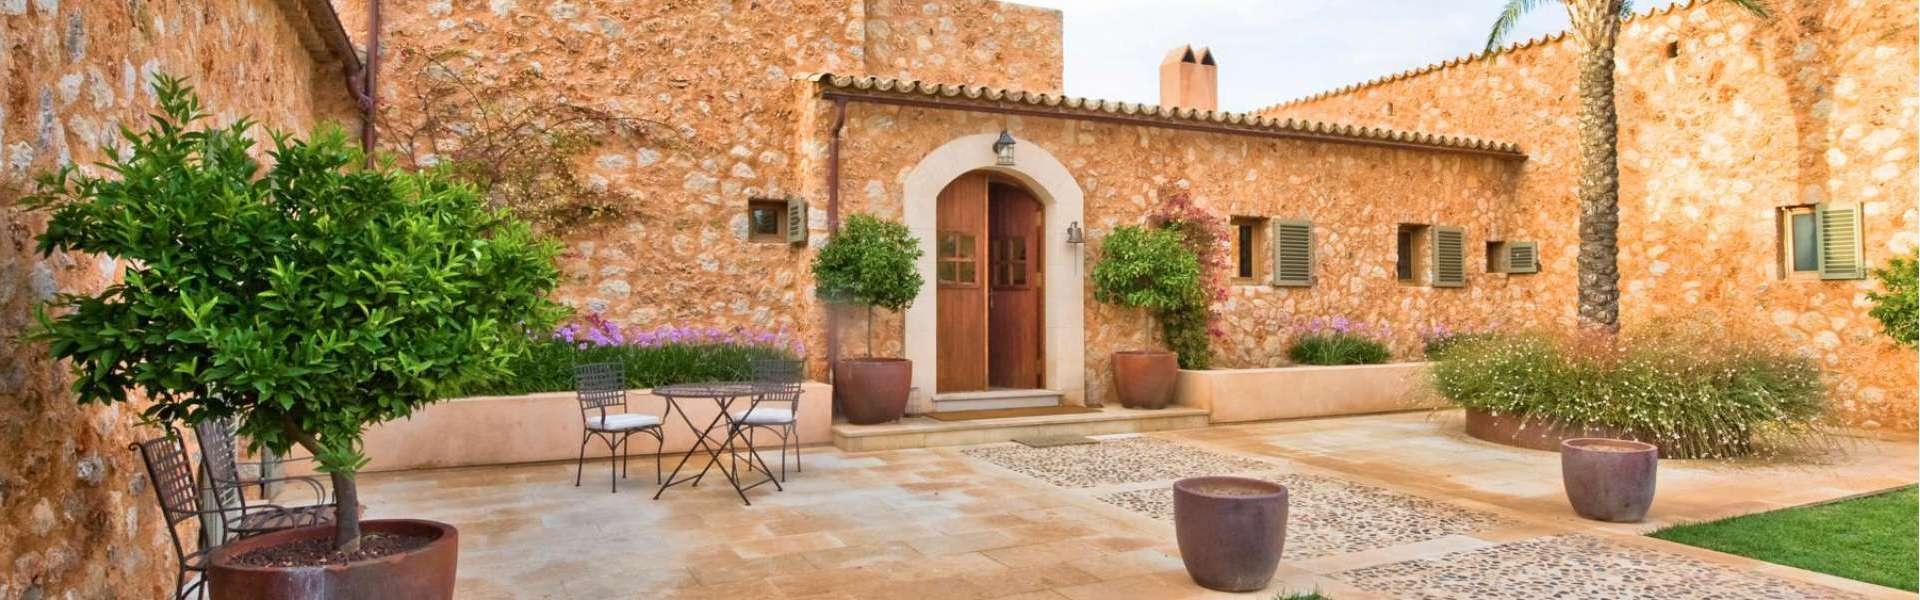 Traumhafte Neubaufinca mit wunderschönem Garten in Santa Maria